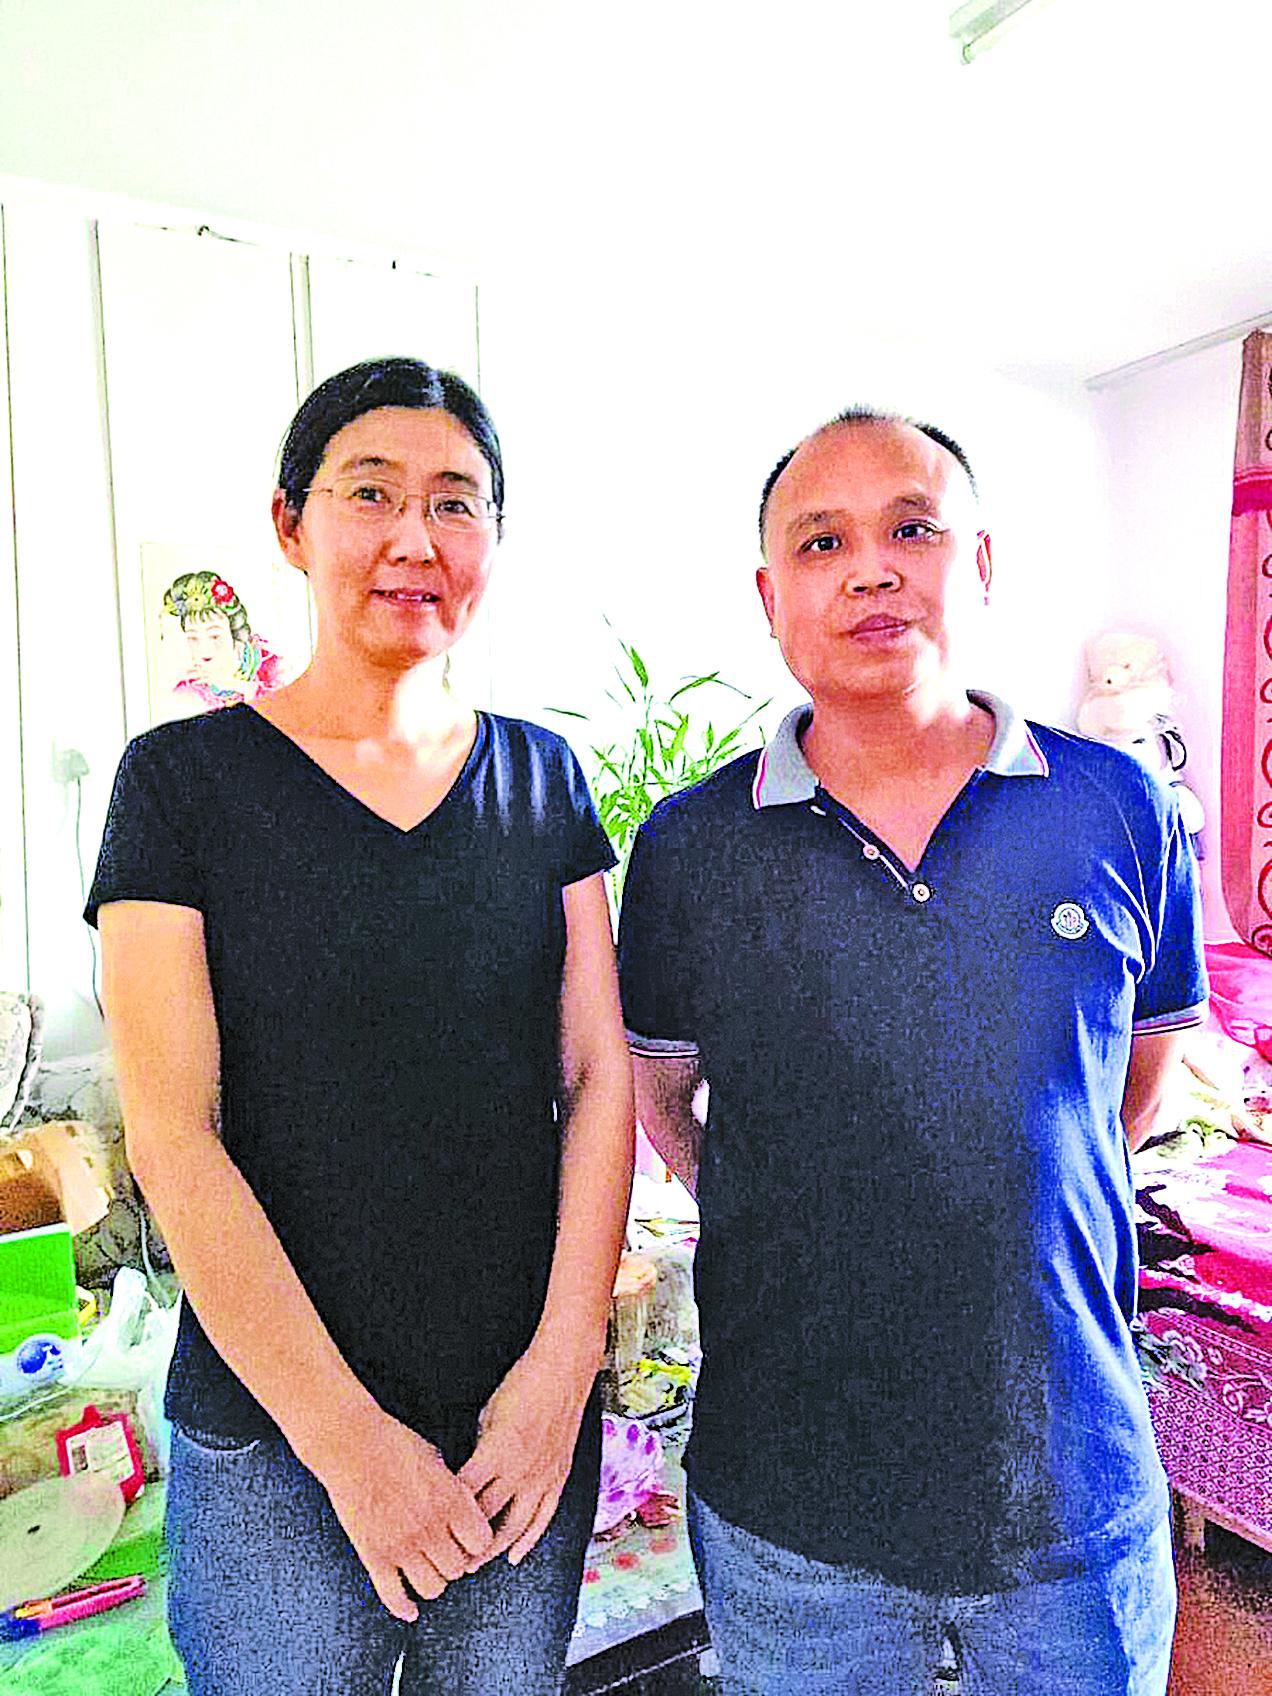 709兩週年王宇律師揭獄中酷刑